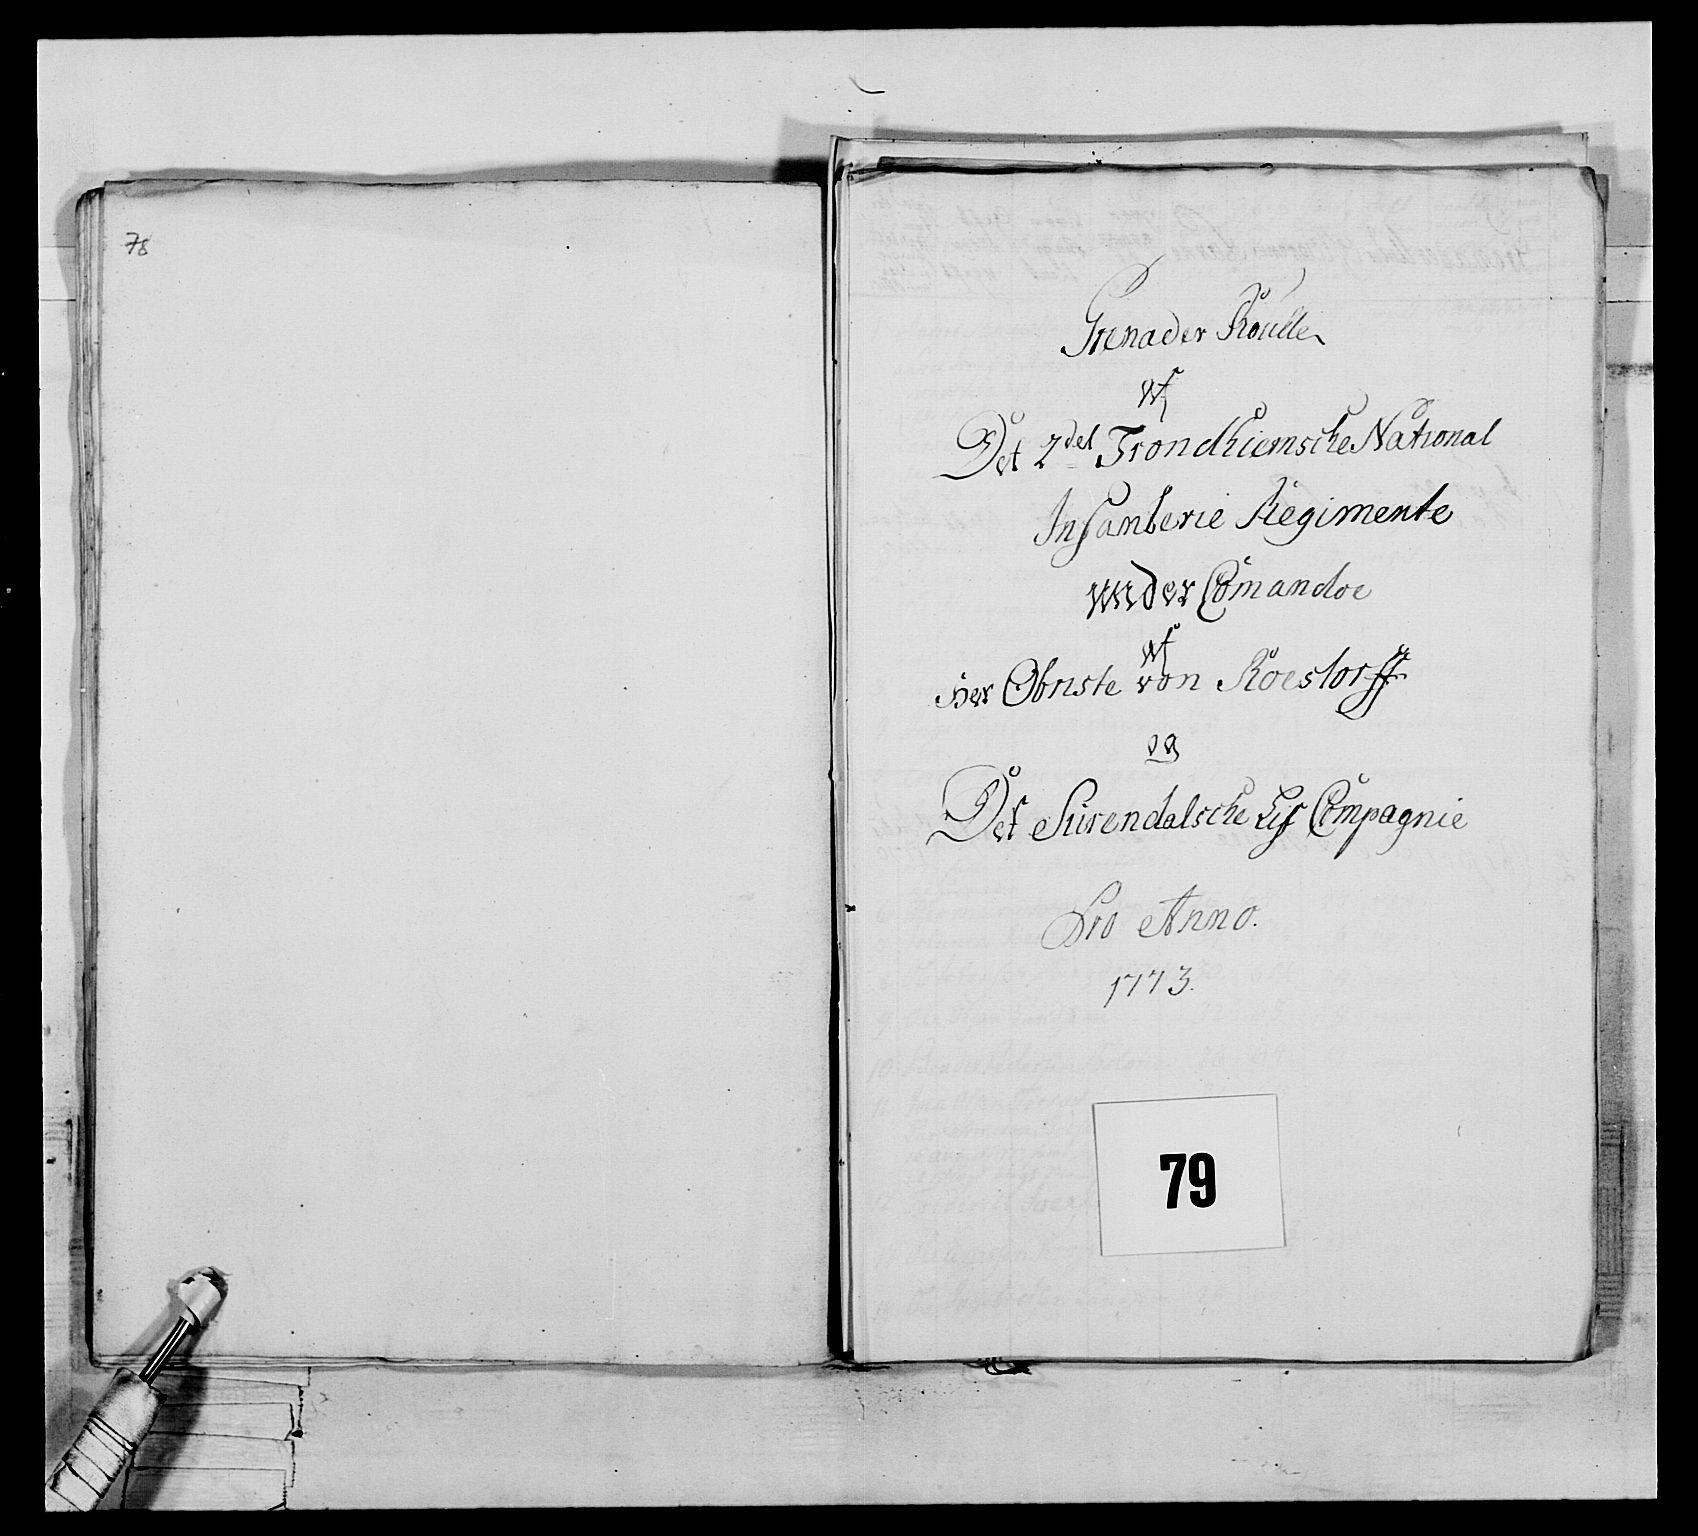 RA, Generalitets- og kommissariatskollegiet, Det kongelige norske kommissariatskollegium, E/Eh/L0076: 2. Trondheimske nasjonale infanteriregiment, 1766-1773, s. 414